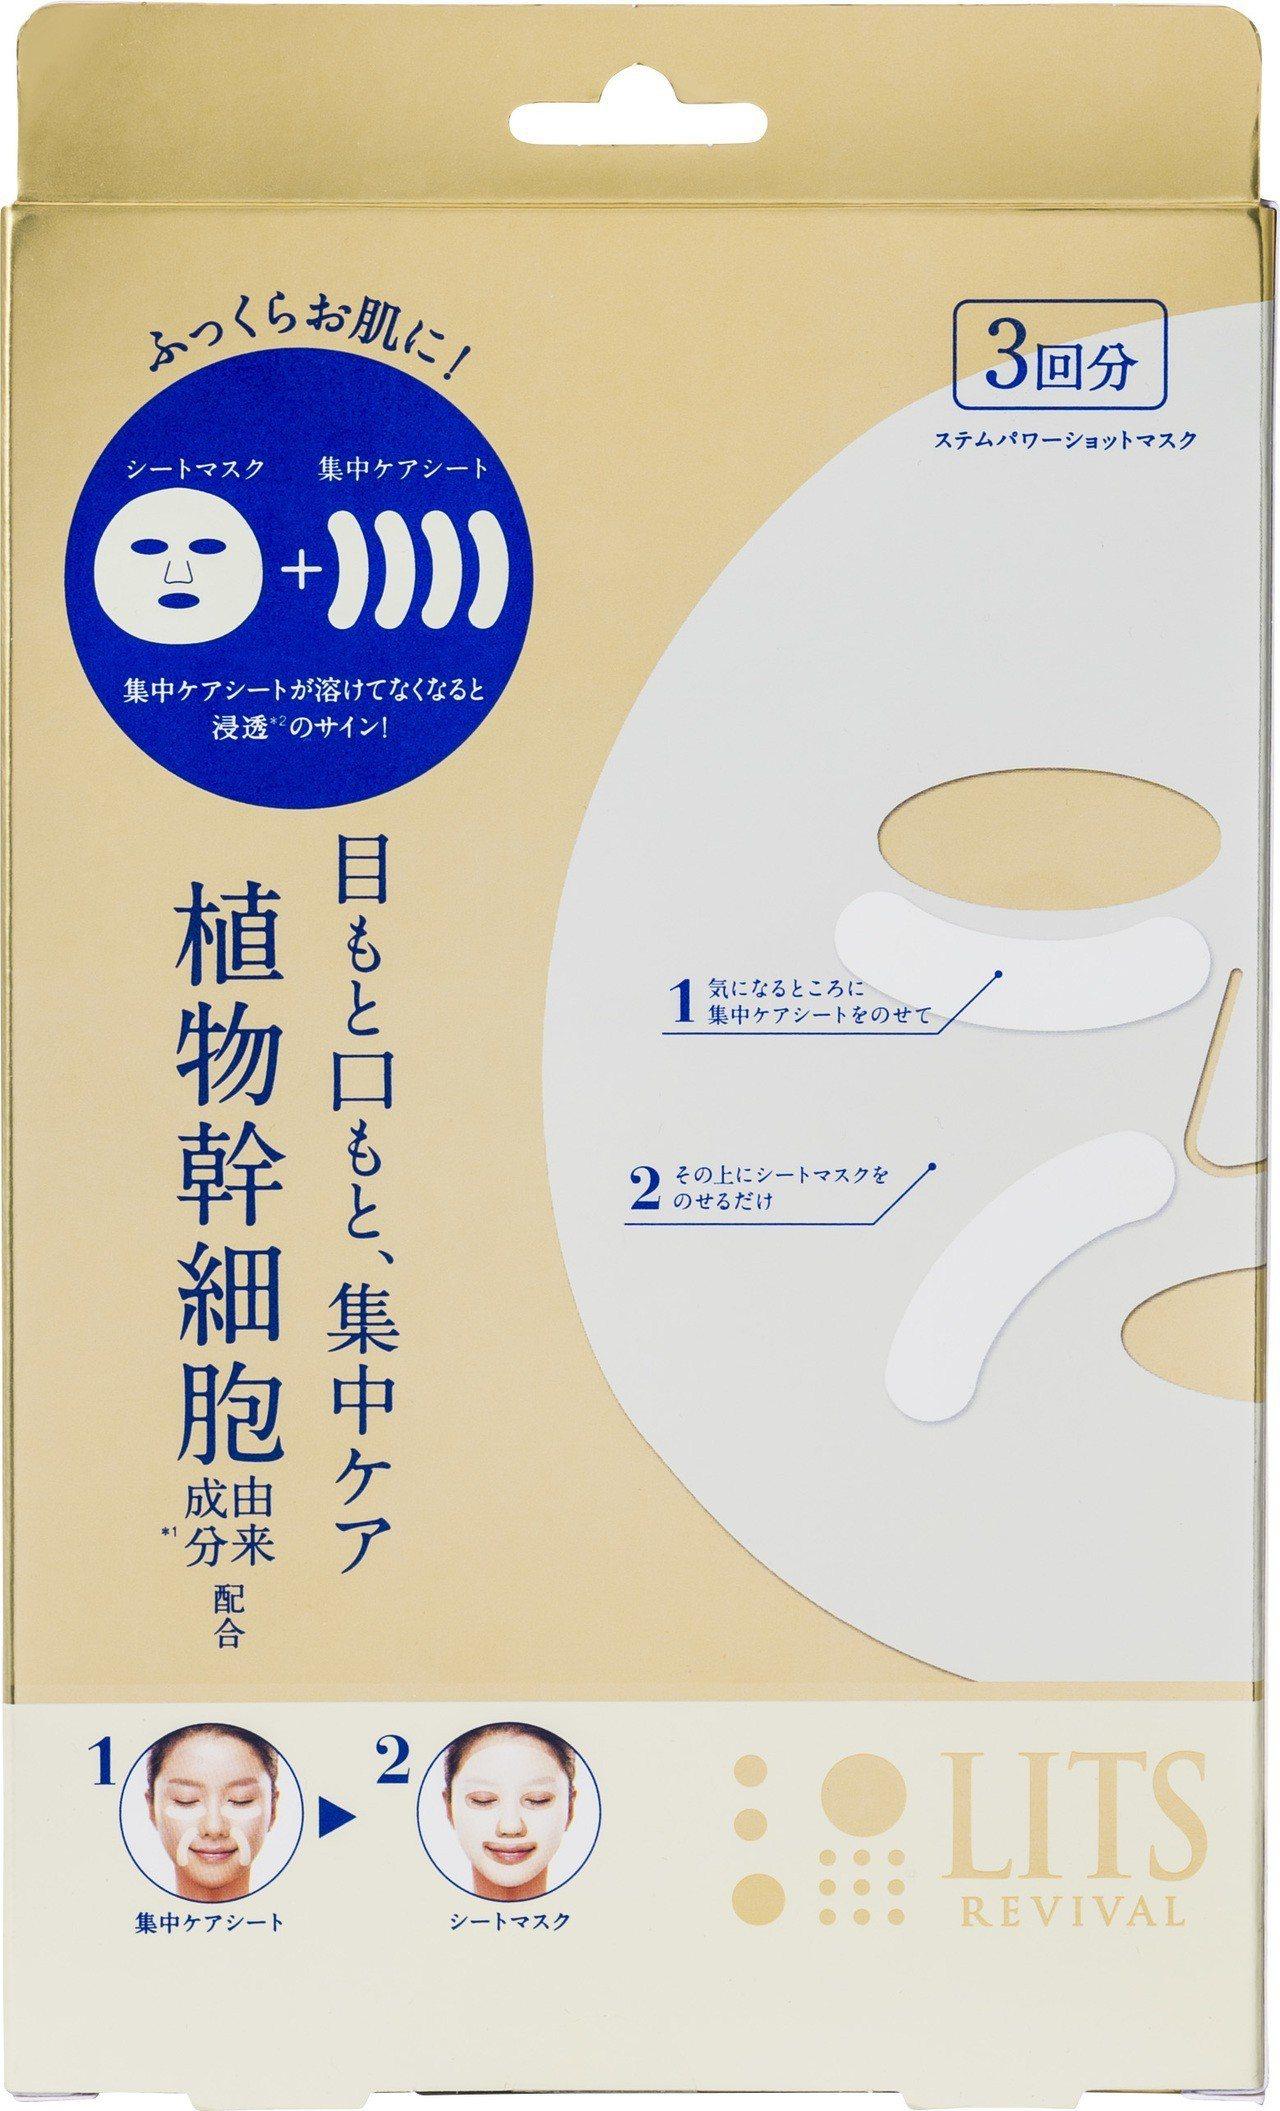 松本清台灣10大獨家品牌熱銷推薦TOP1:LITS逆齡潤澤集中修護膜3回入,售價...